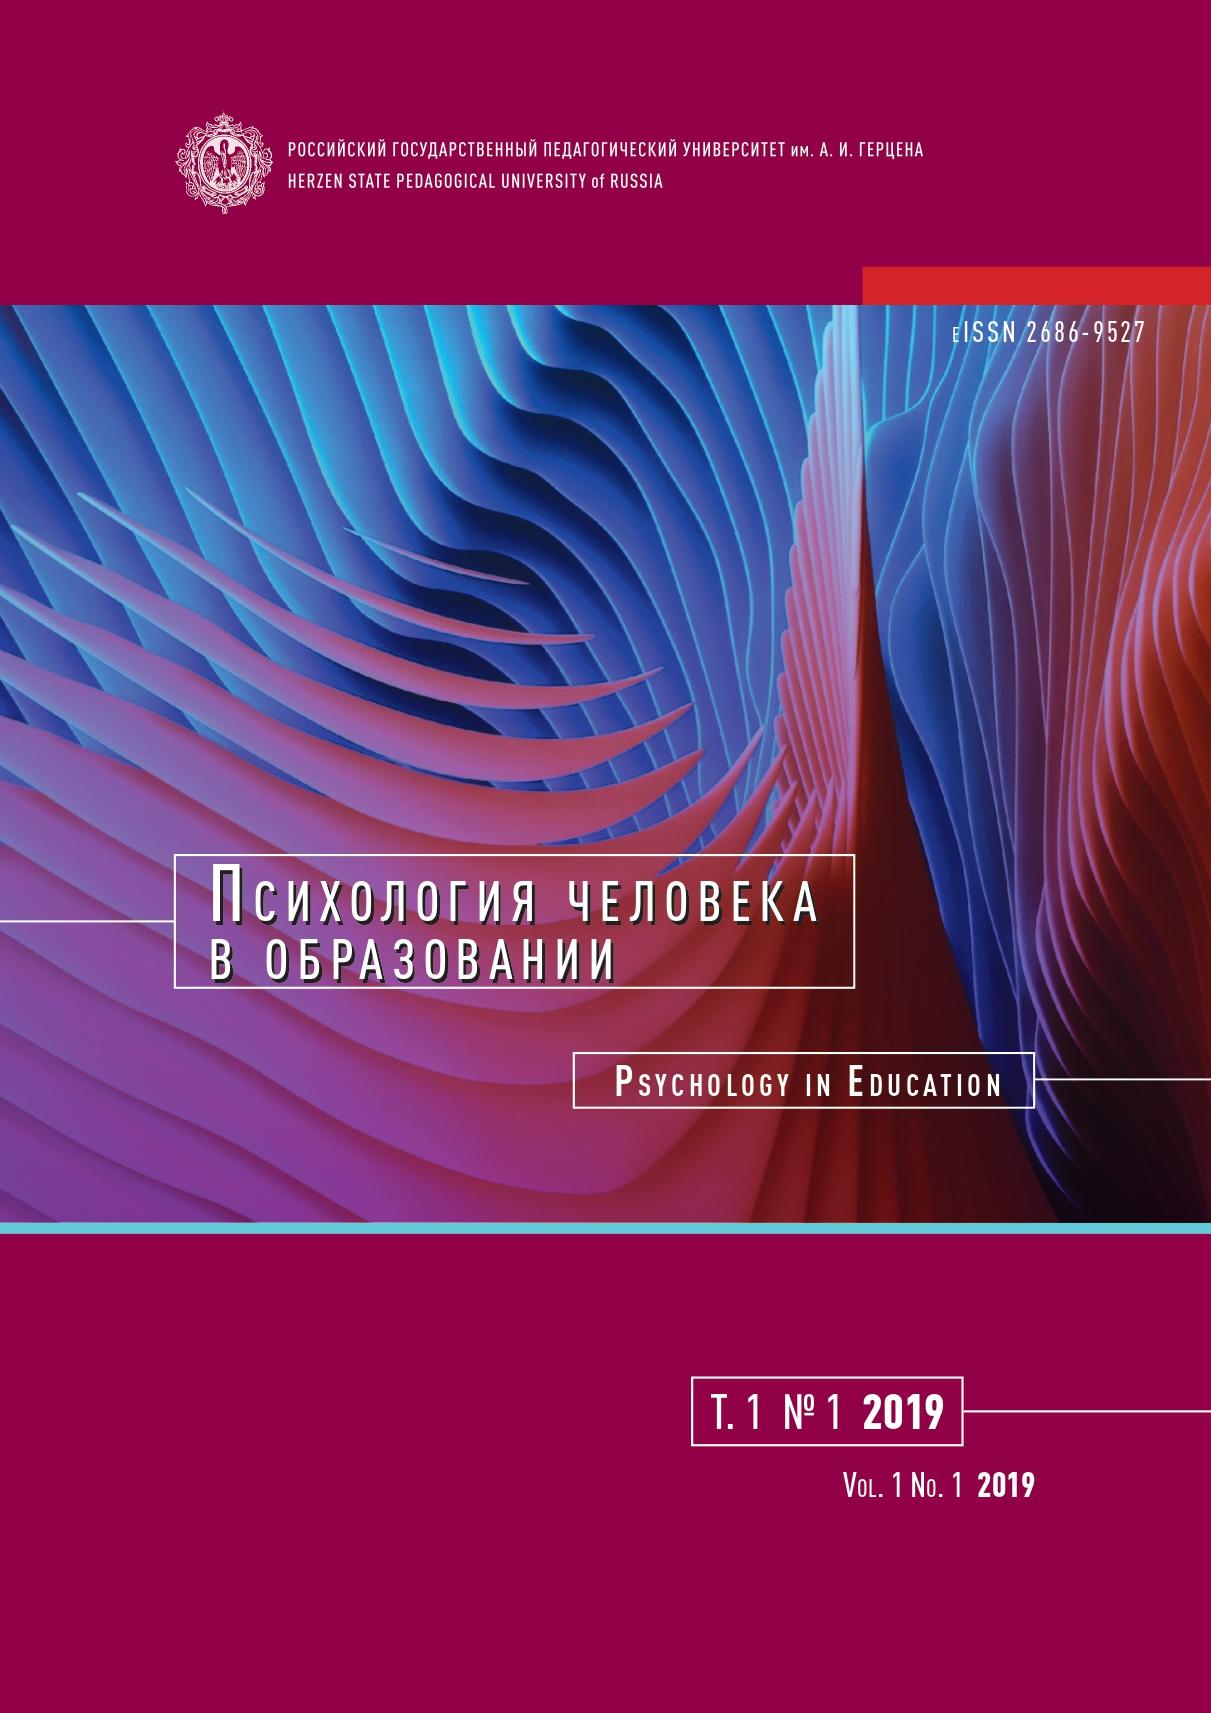 """Обложка журнала """"Психология человека в образовании"""" (т. 1, № 1)"""